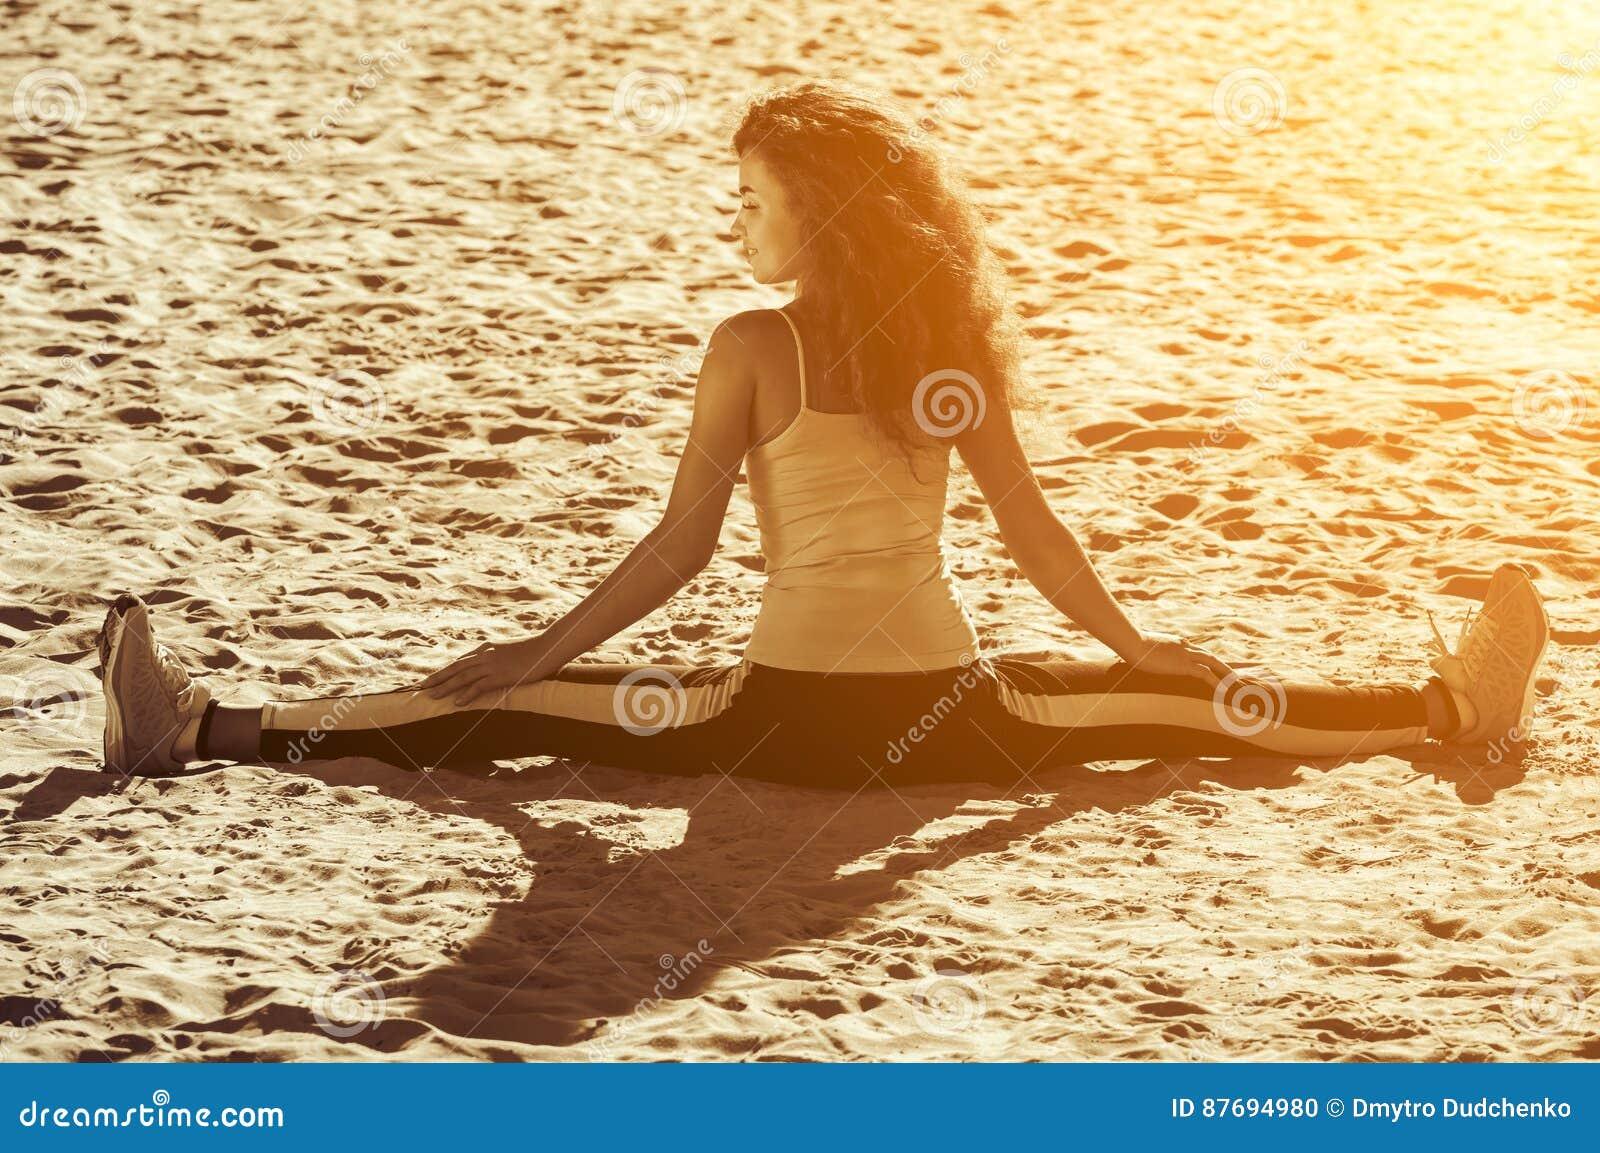 年轻运动员-有做在海滩的卷发和运动鞋的体操运动员分裂在夏天早晨锻炼